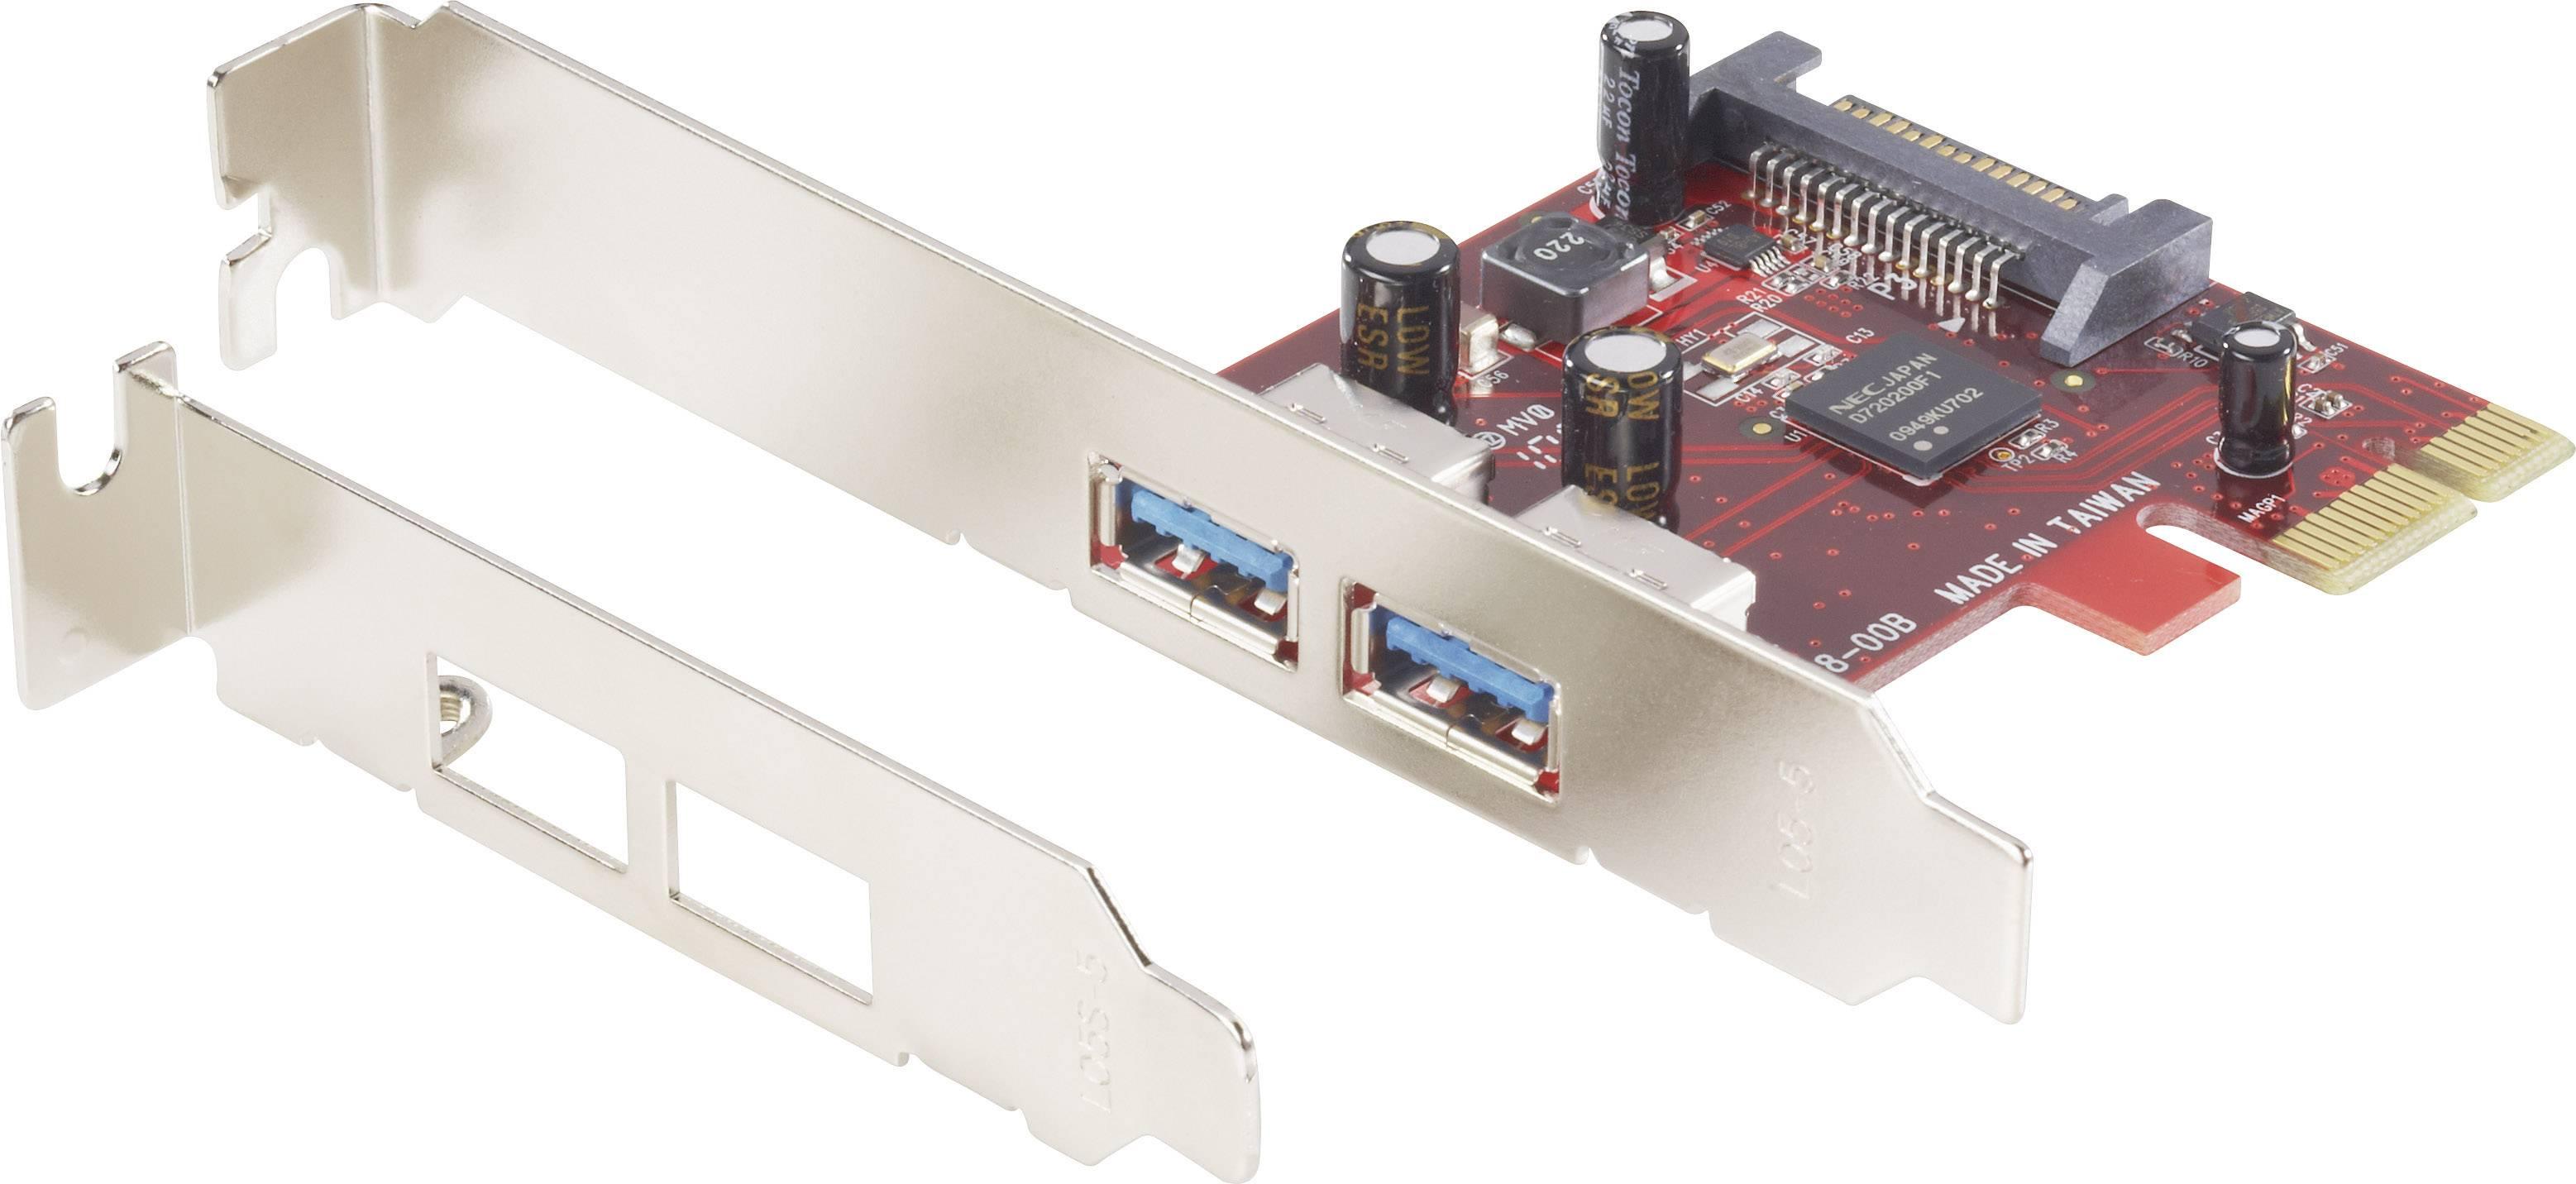 PCIe karta USB 3.0 Renkforce RF-4842576, 2 porty